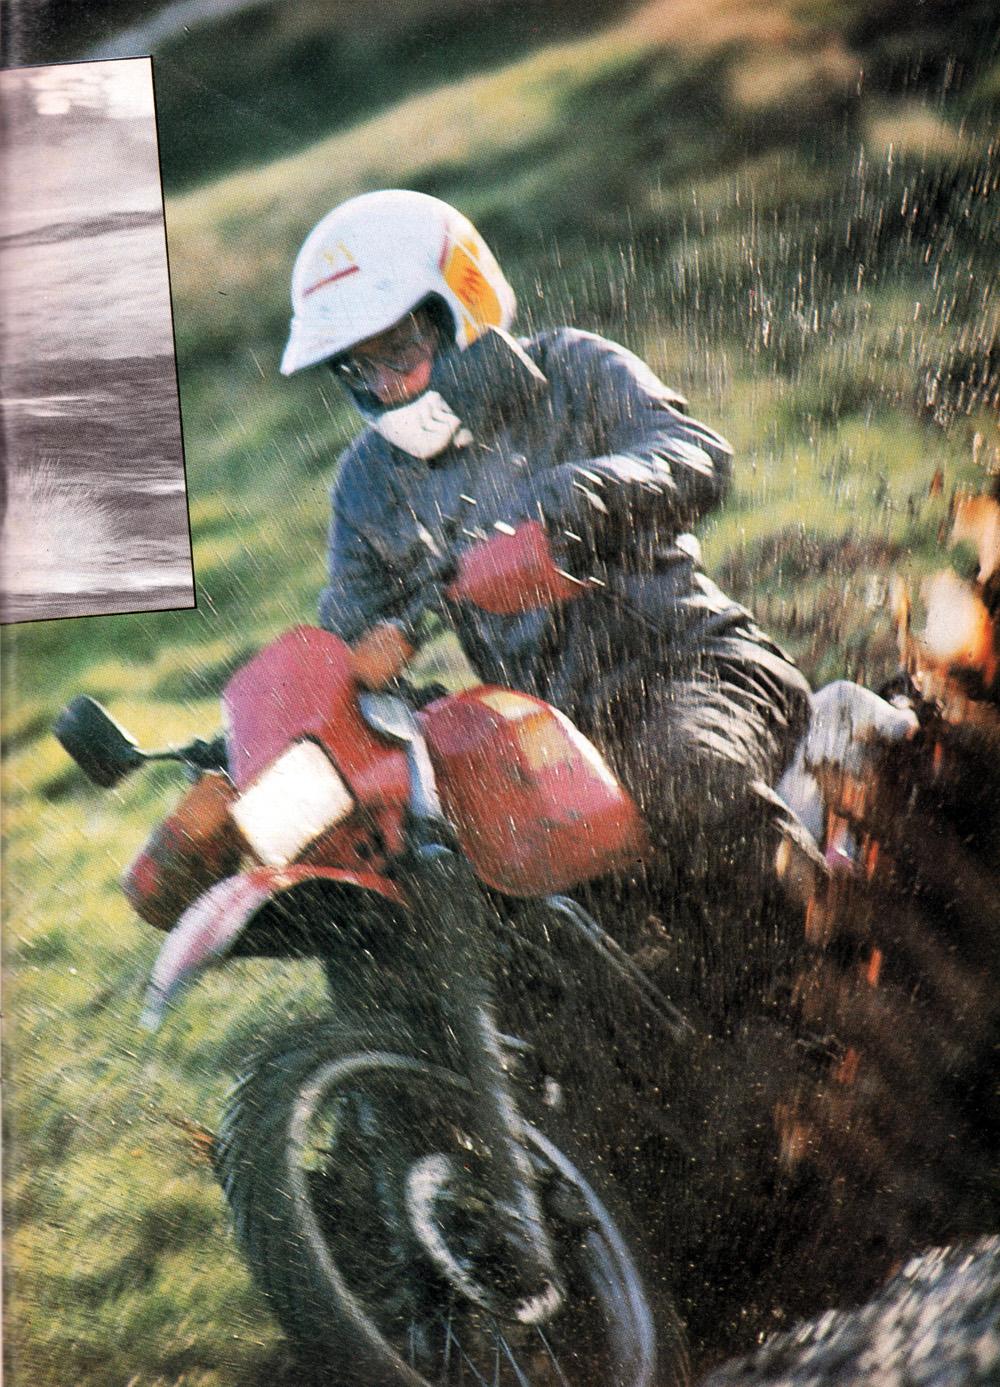 1985 Kawasaki KLR600 vs Suzuki DR600 road test 02.jpg